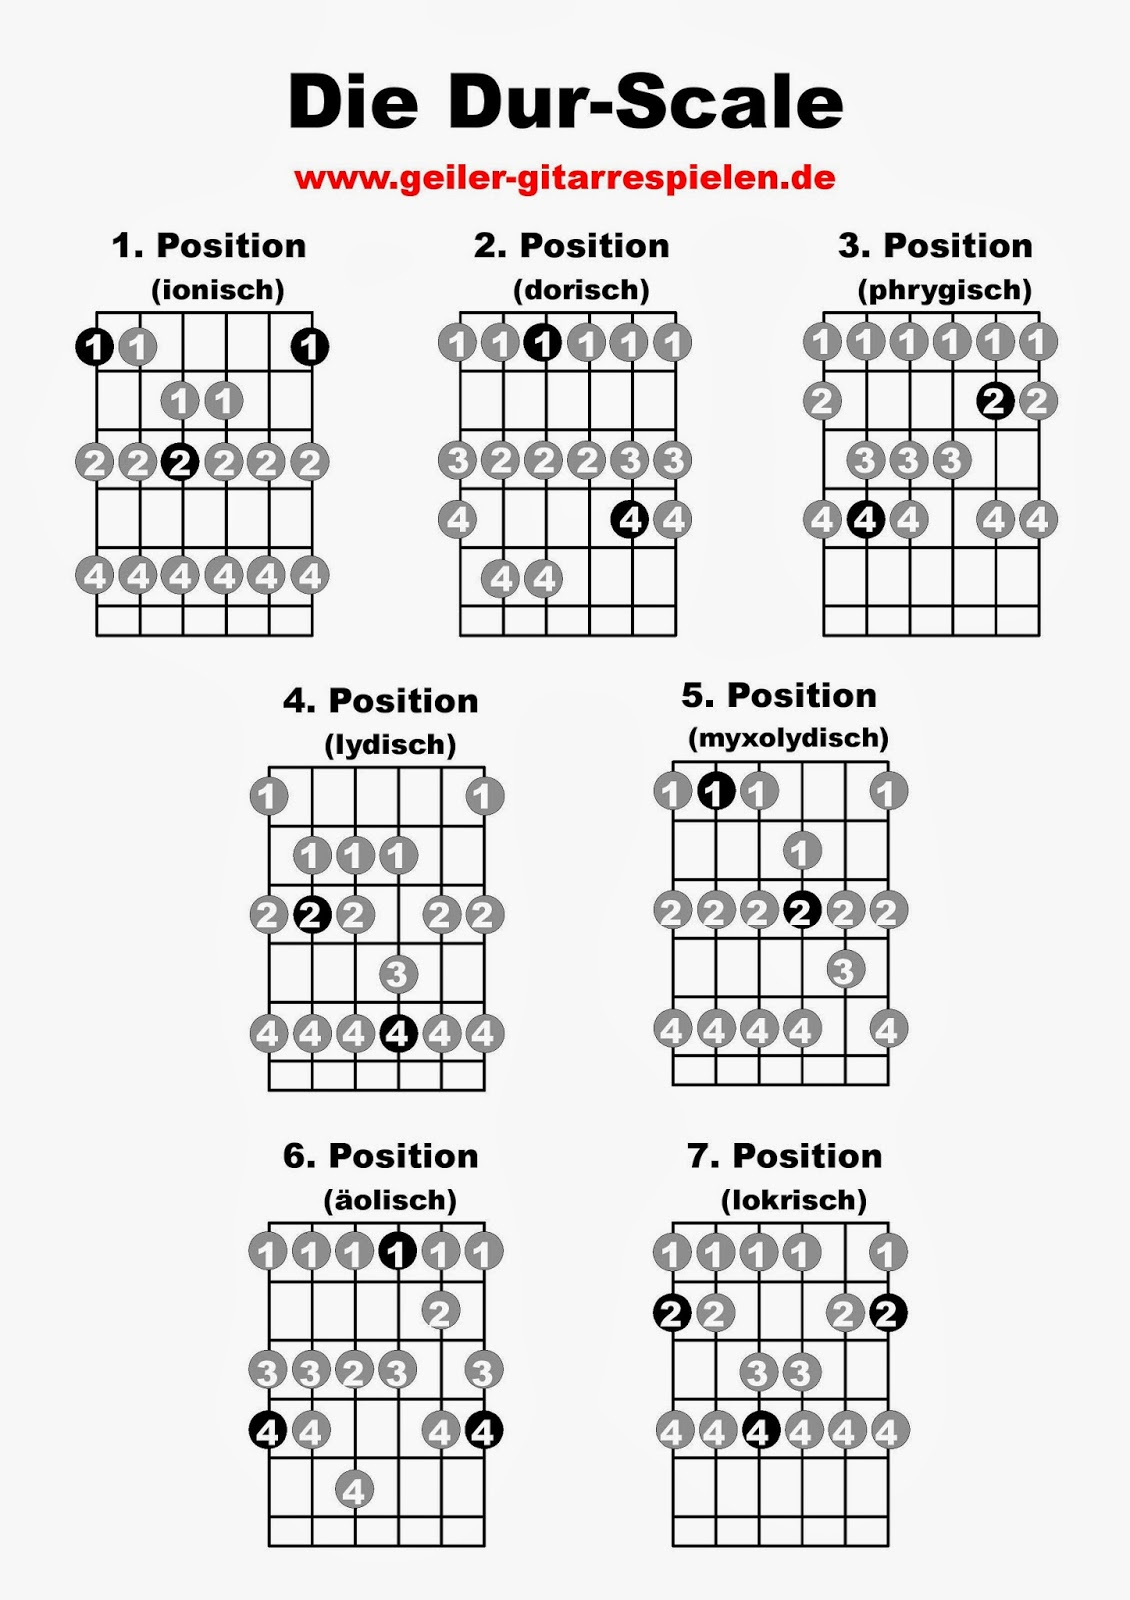 Dur-Scale Fingersätze für Gitarre | Einfach geiler Gitarre spielen!